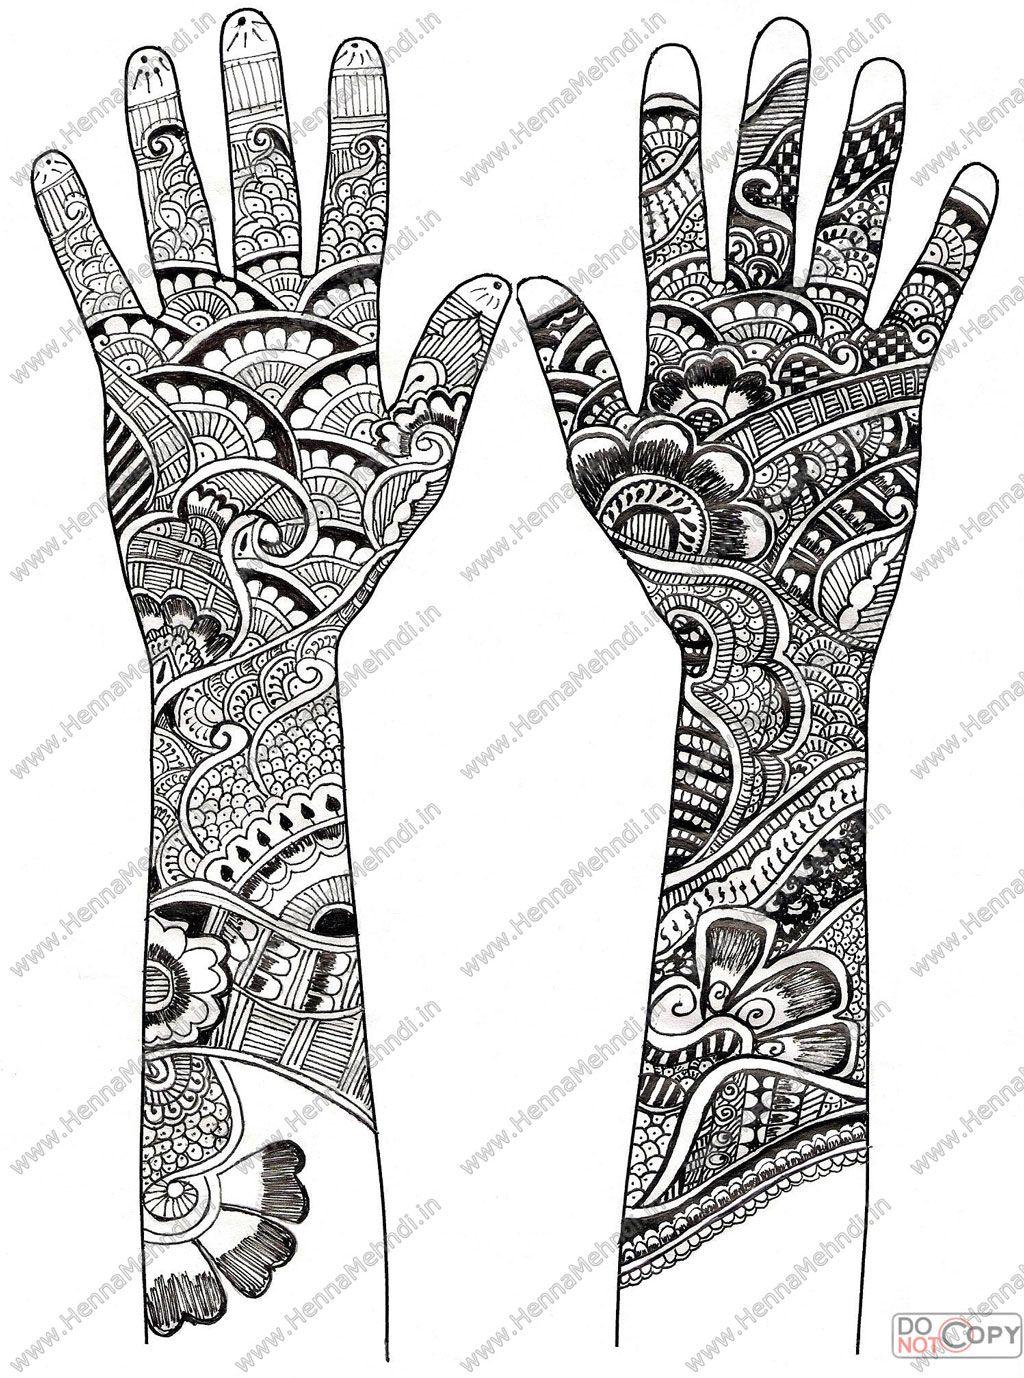 White henna design 5 five white henna designs - 20 Henna Tattoos Patterns A Warning About Black Henna